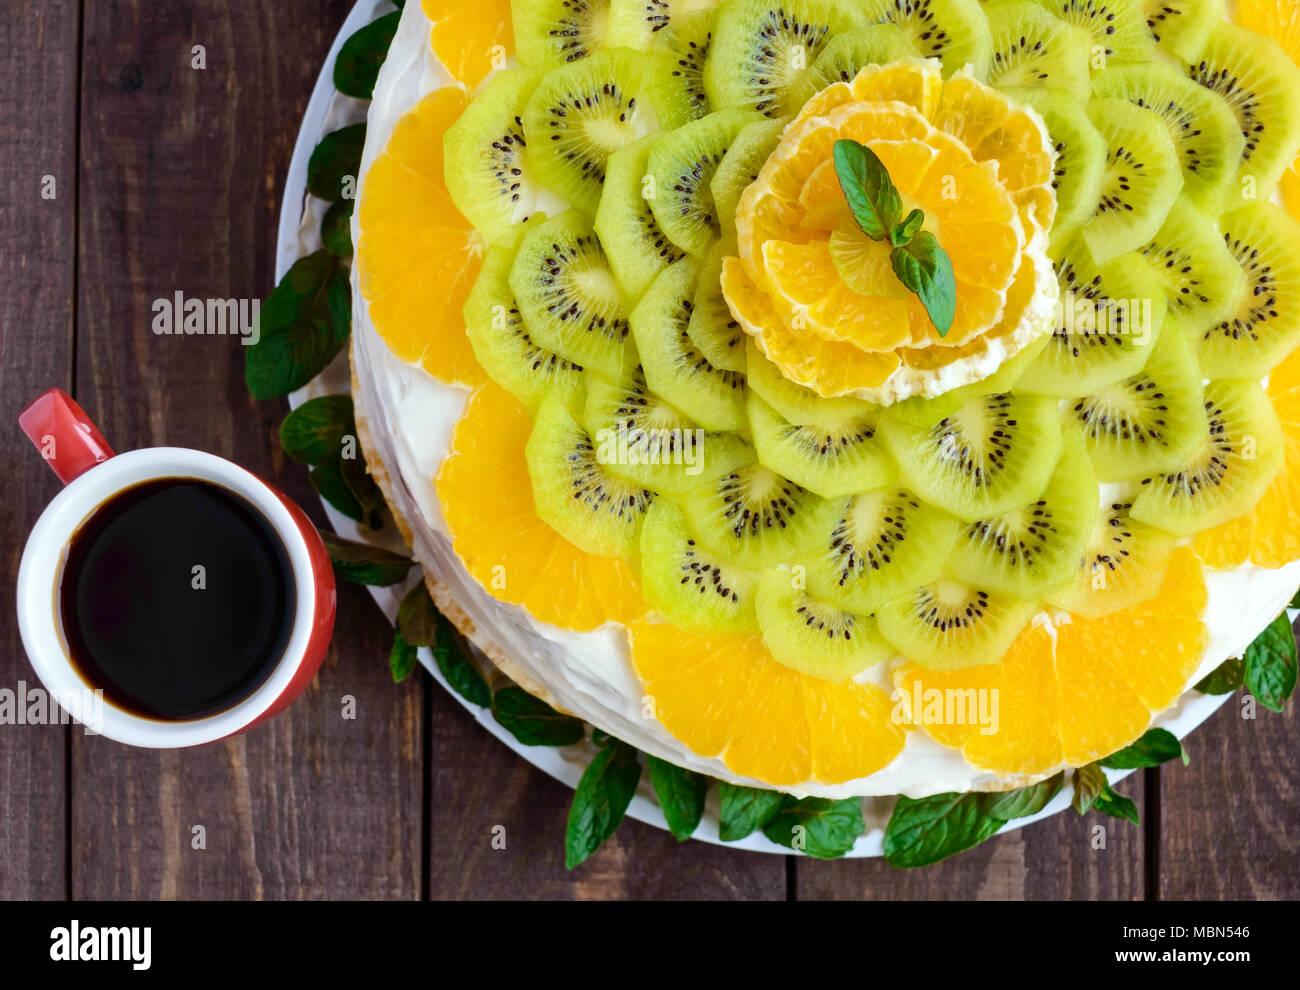 Ronda brillante fruit cake festivo decorado con kiwi, naranja, menta y una taza de café. Imagen De Stock